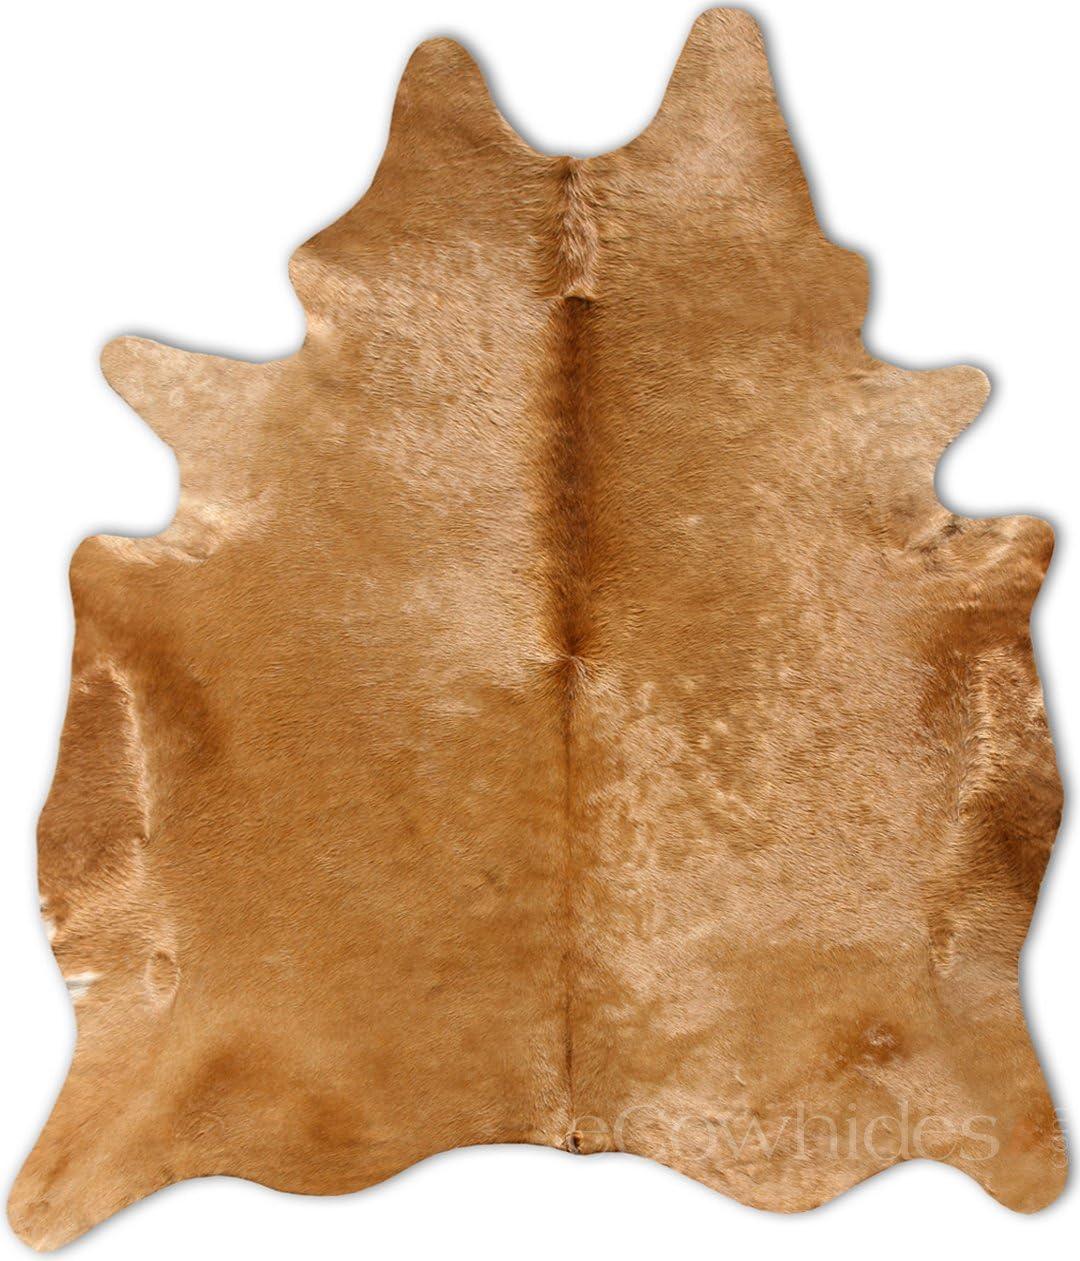 Brown Cowhide Rug Cow Hide Skin Leather Area Rug Large